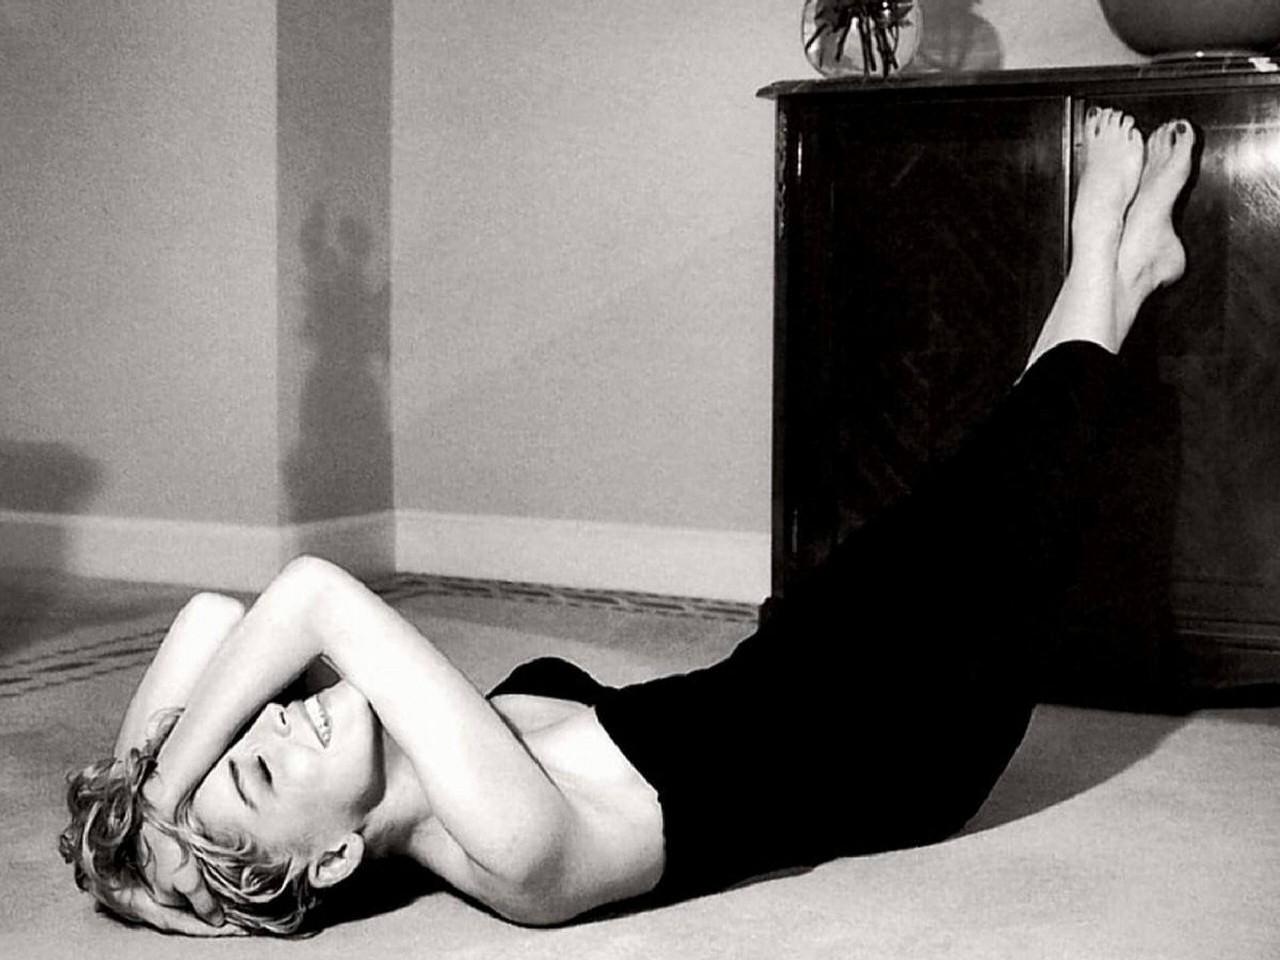 Wallpaper: una seducente Sharon Stone in uno scatto in bianco e nero